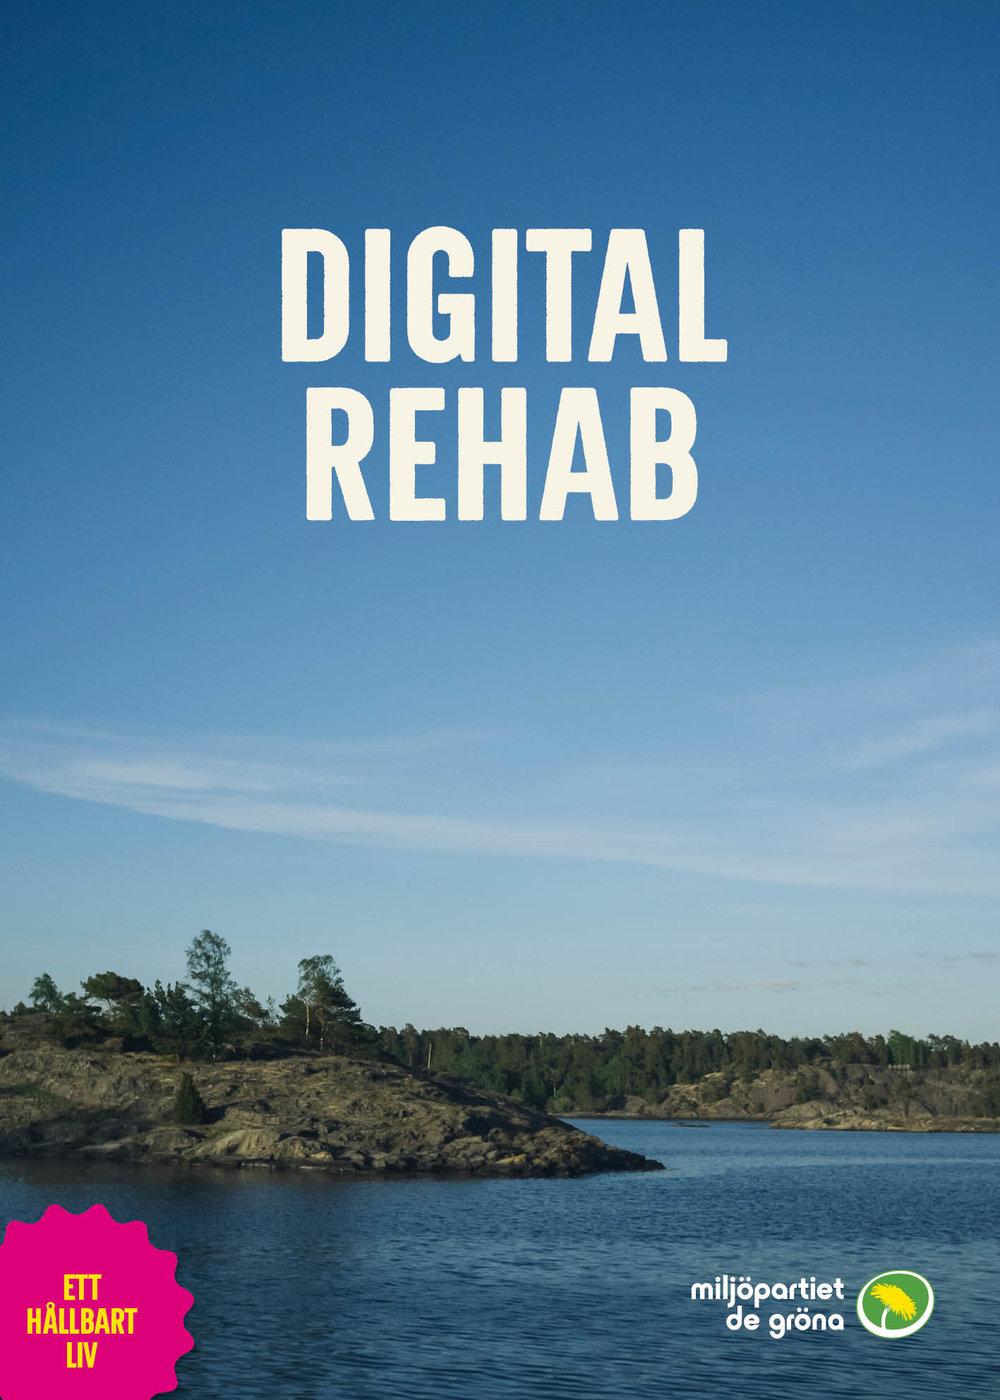 Digital Rehab_Print_KR3.jpg